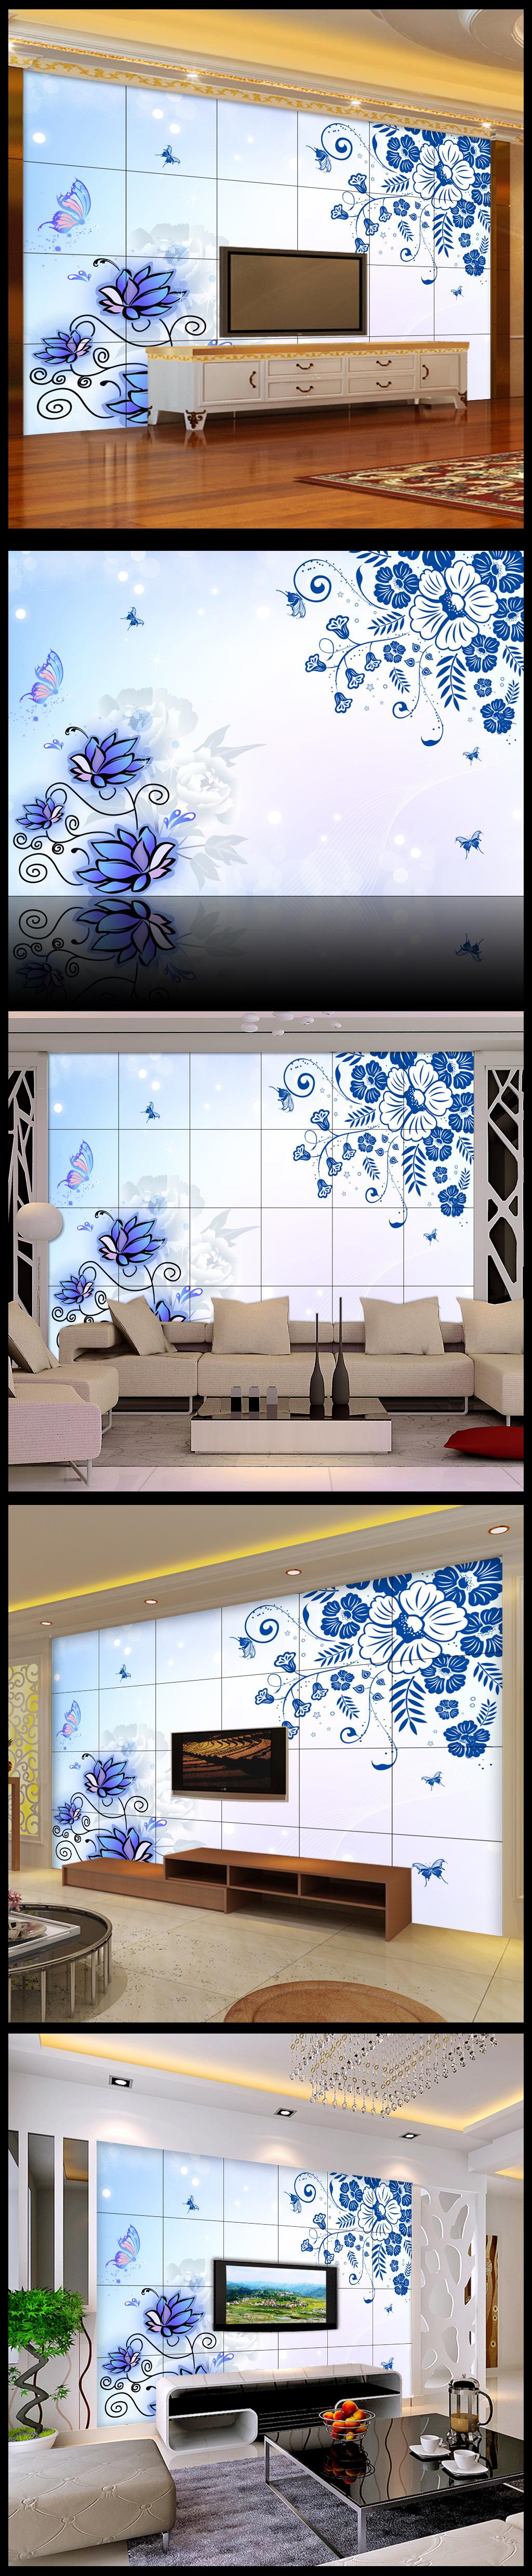 青花欧式花纹电视背景墙壁纸壁画